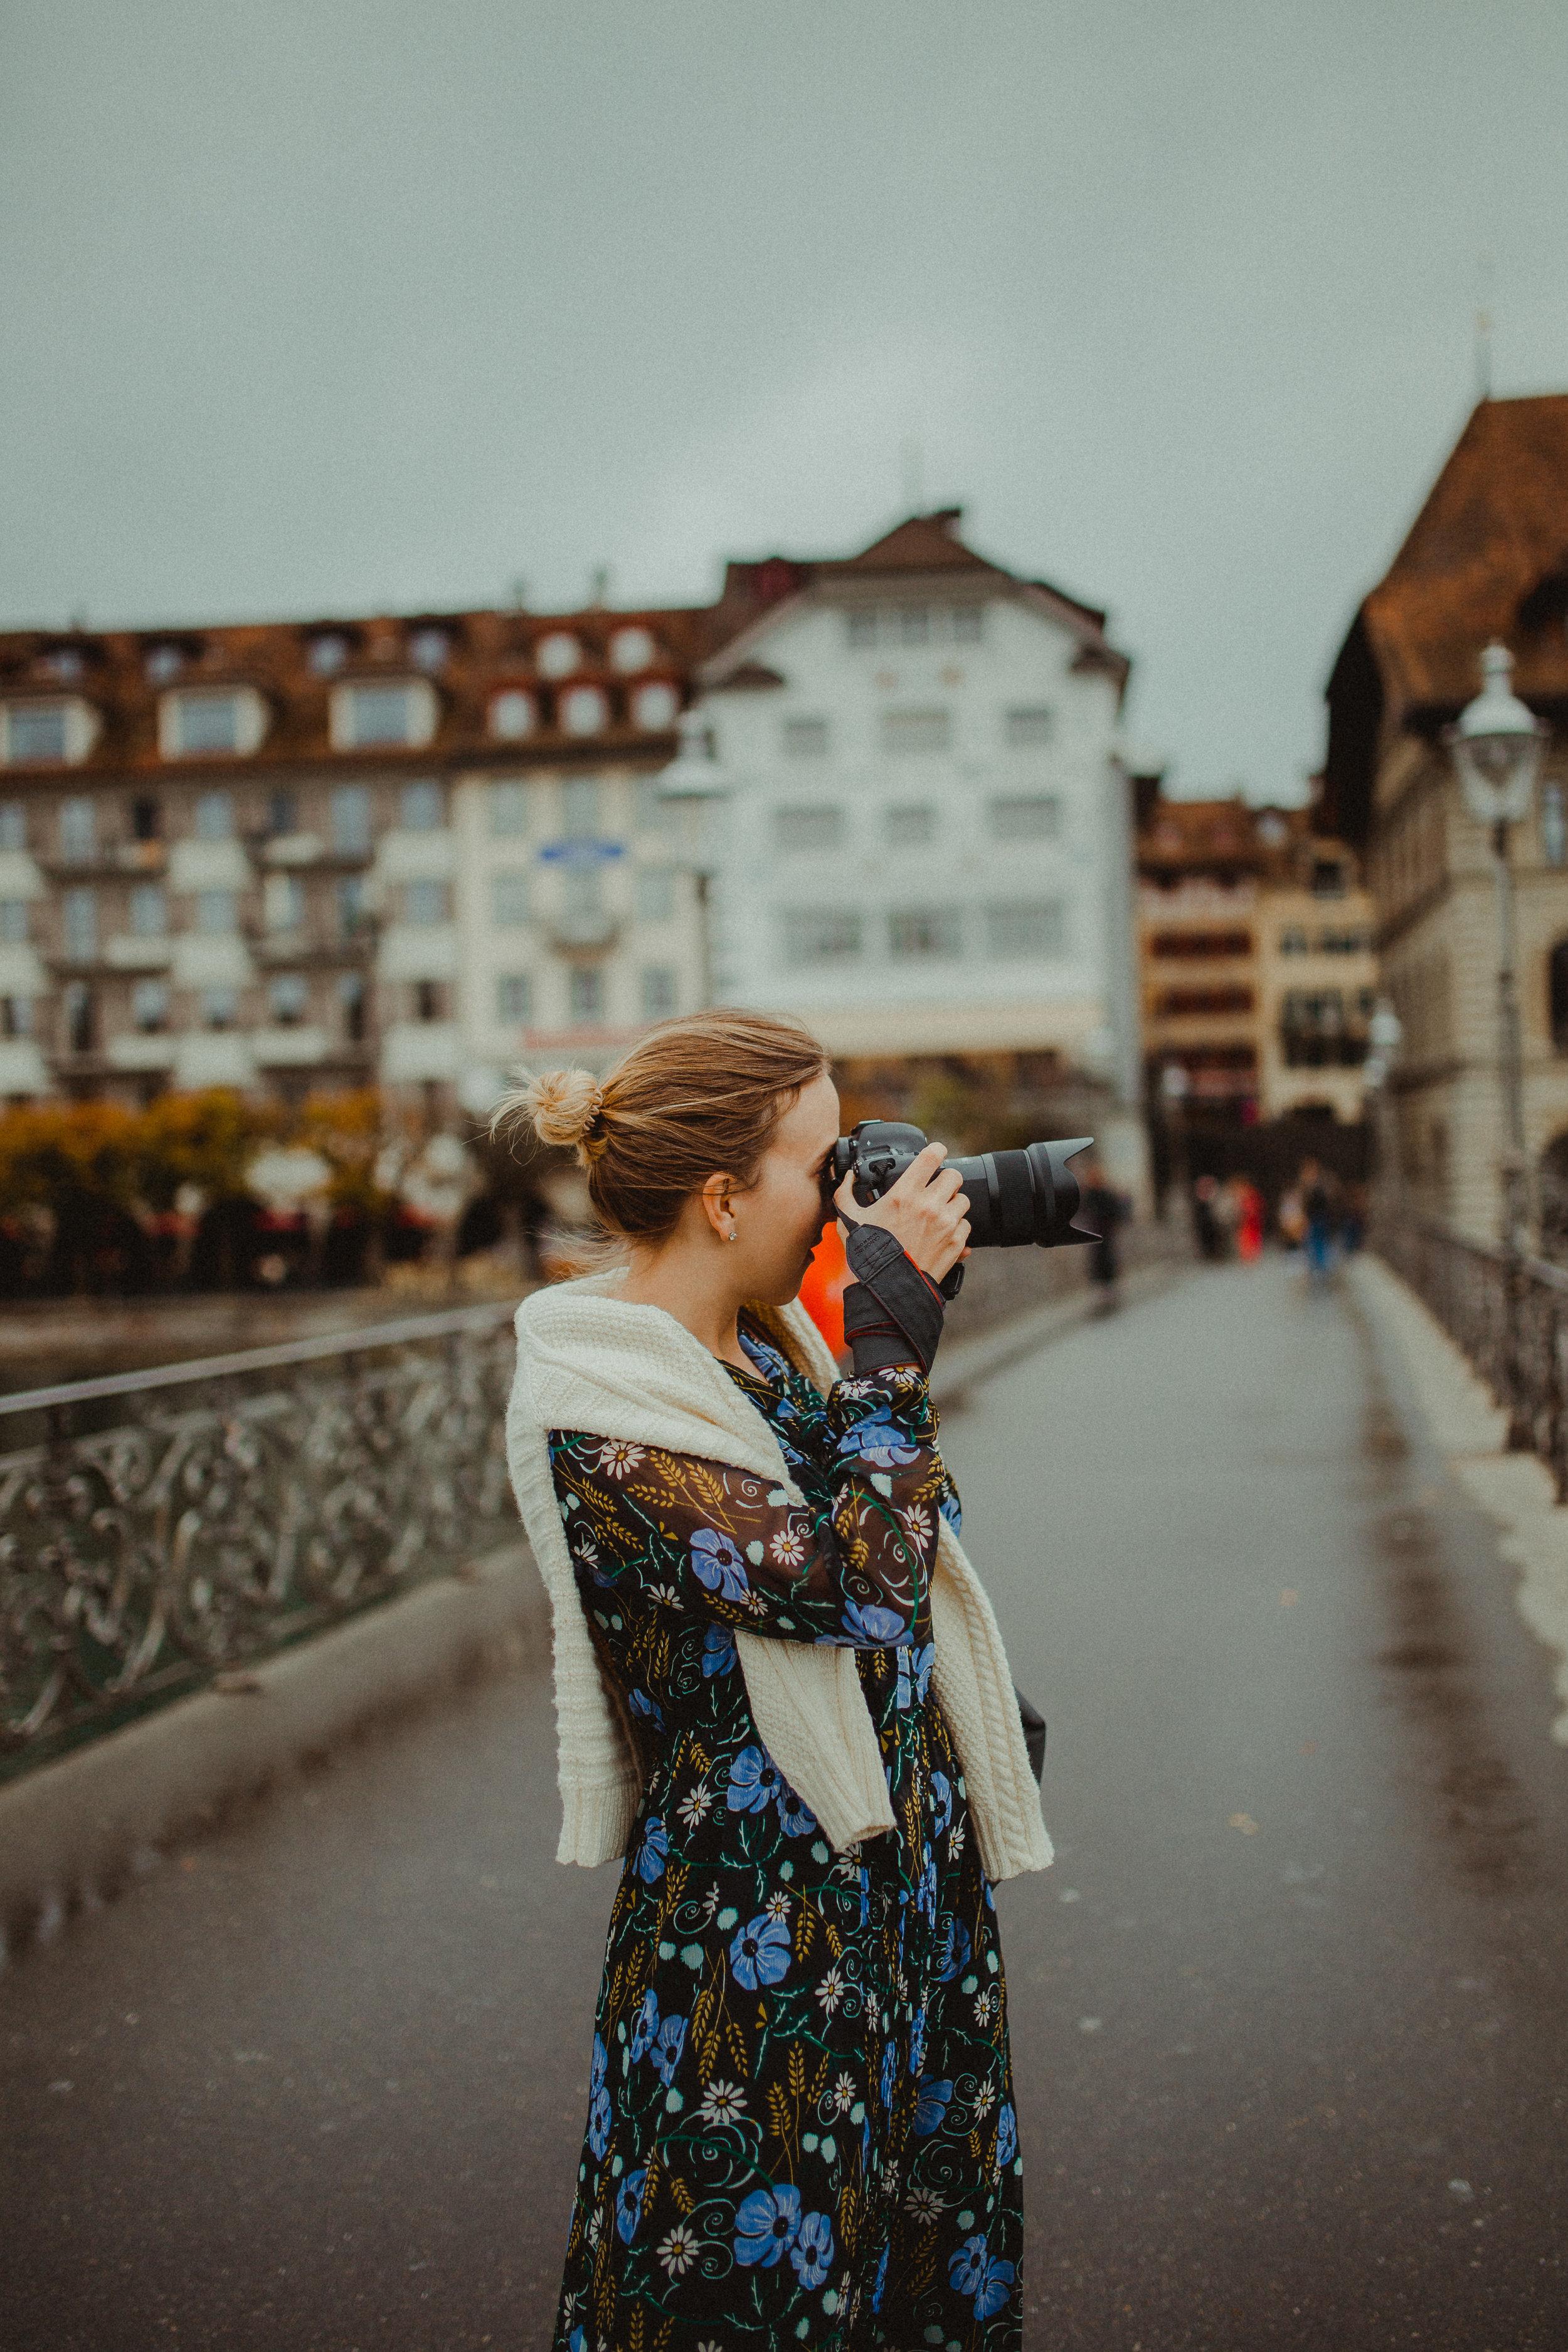 Luzern, Switzerland_2017_09_10_052235-2184_GOP.jpg